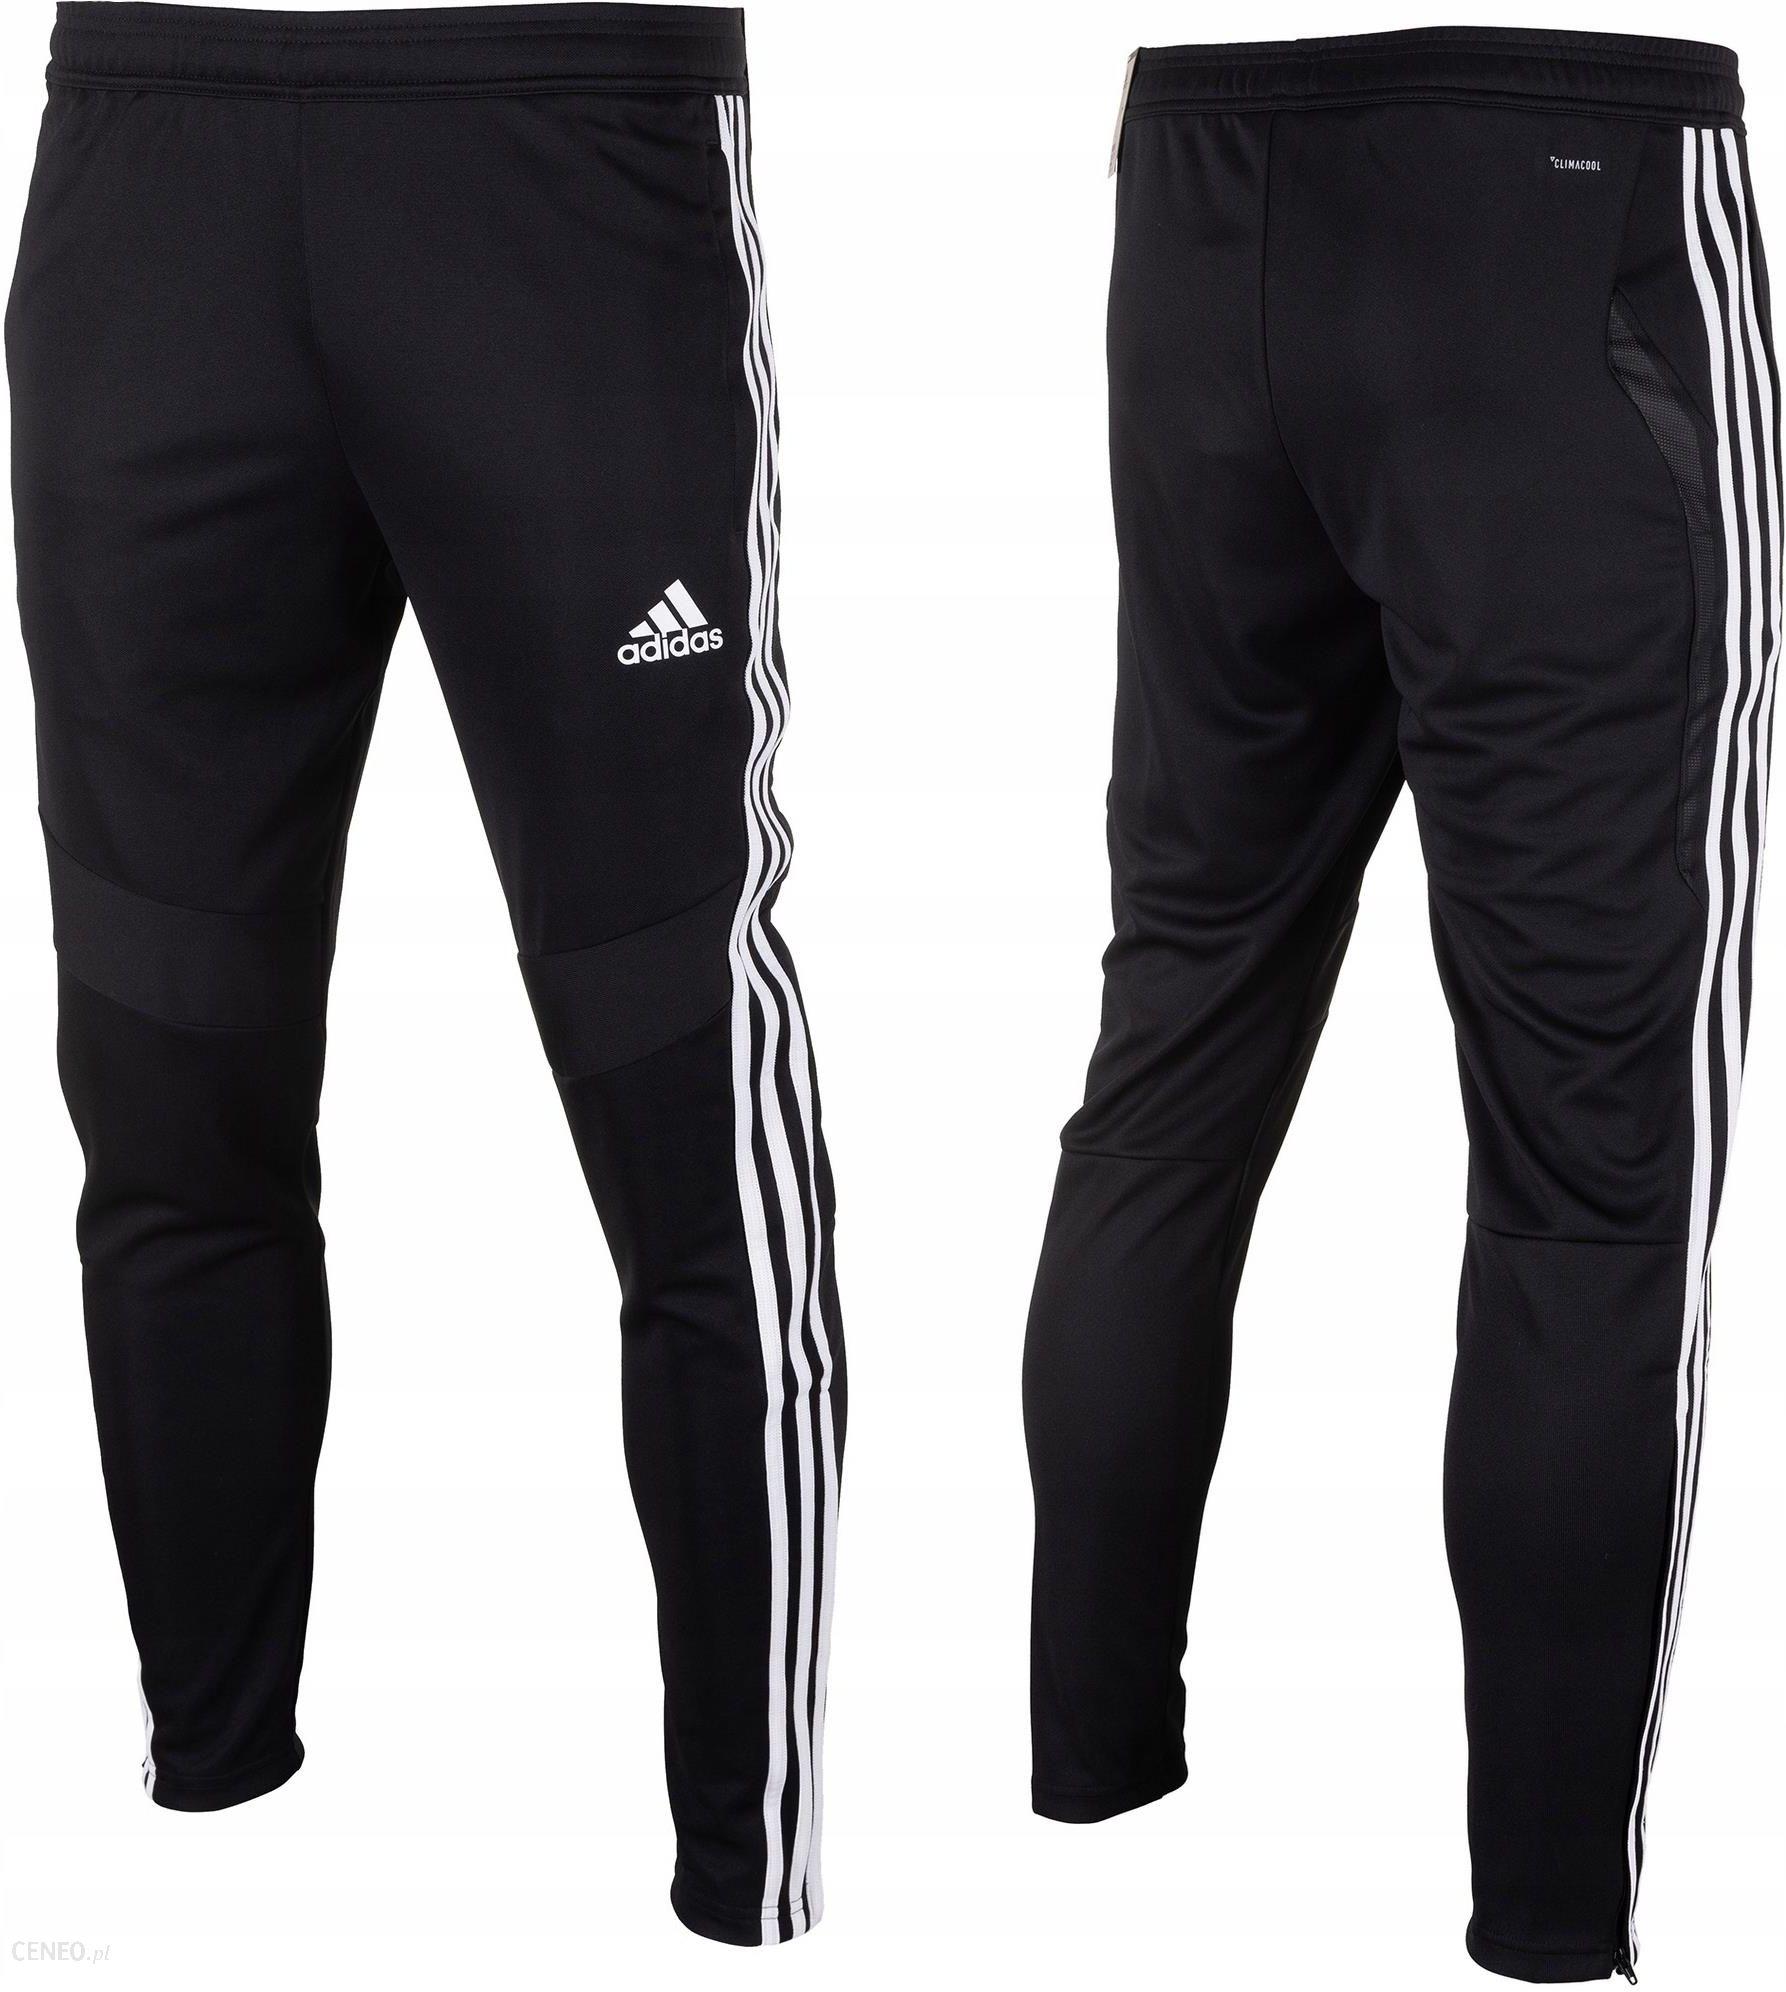 d66ff1dc49cfd Adidas spodnie dresowe dresy męskie TIRO 19 L - Ceny i opinie - Ceneo.pl